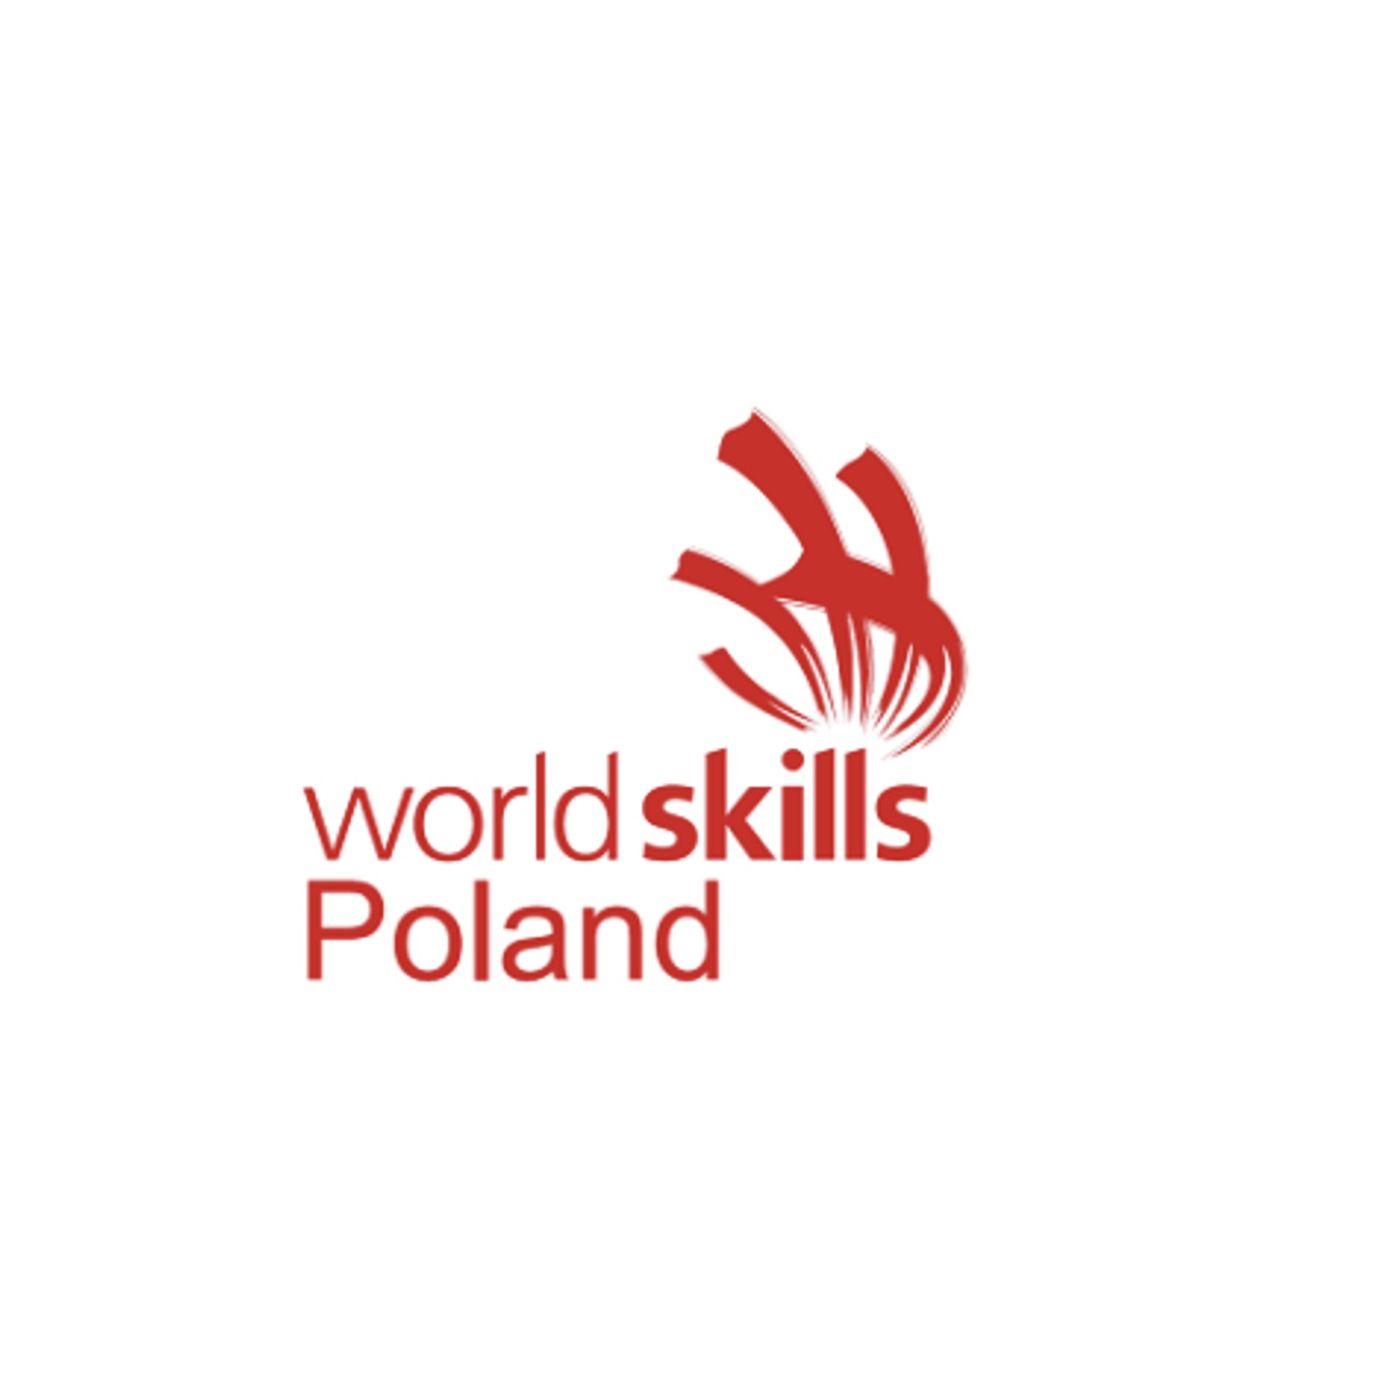 Goście Horeca Radio odc. 79 - WorldSkills Poland